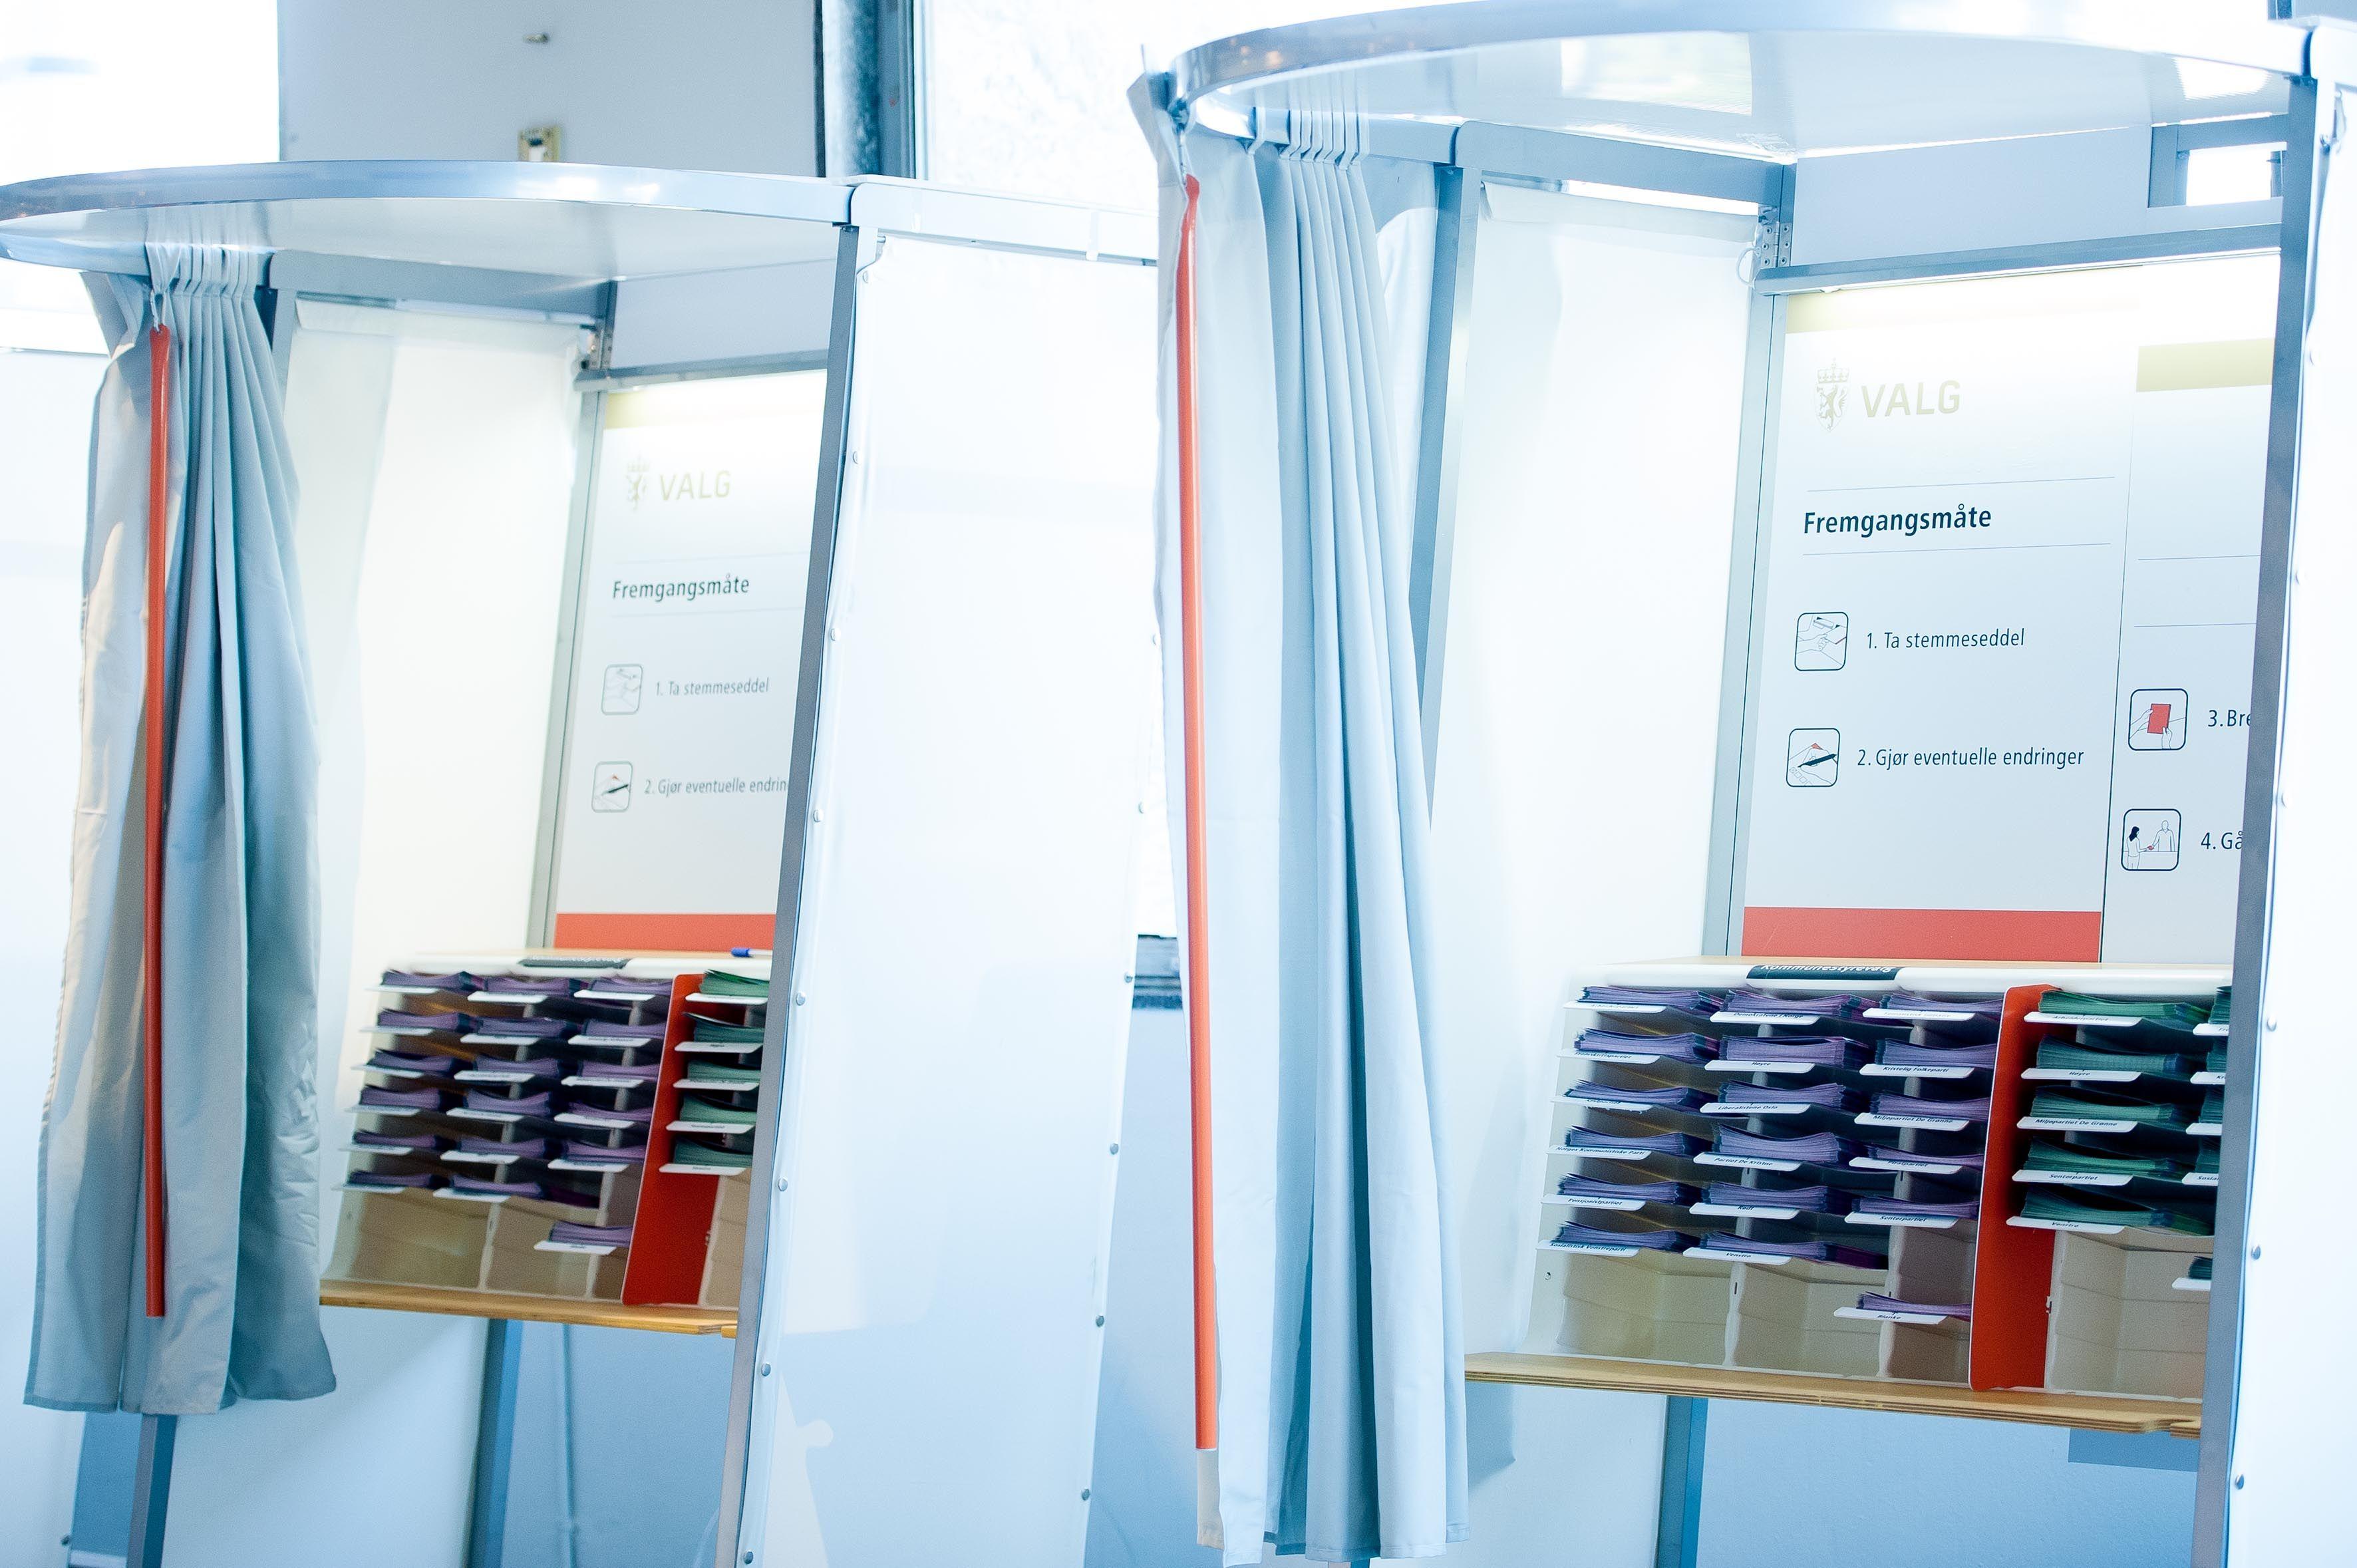 ENKELT: Å stemme kan virke litt skummelt første gang, men det er ikke så komplisert (Foto: Oslo kommune/Sturlason)